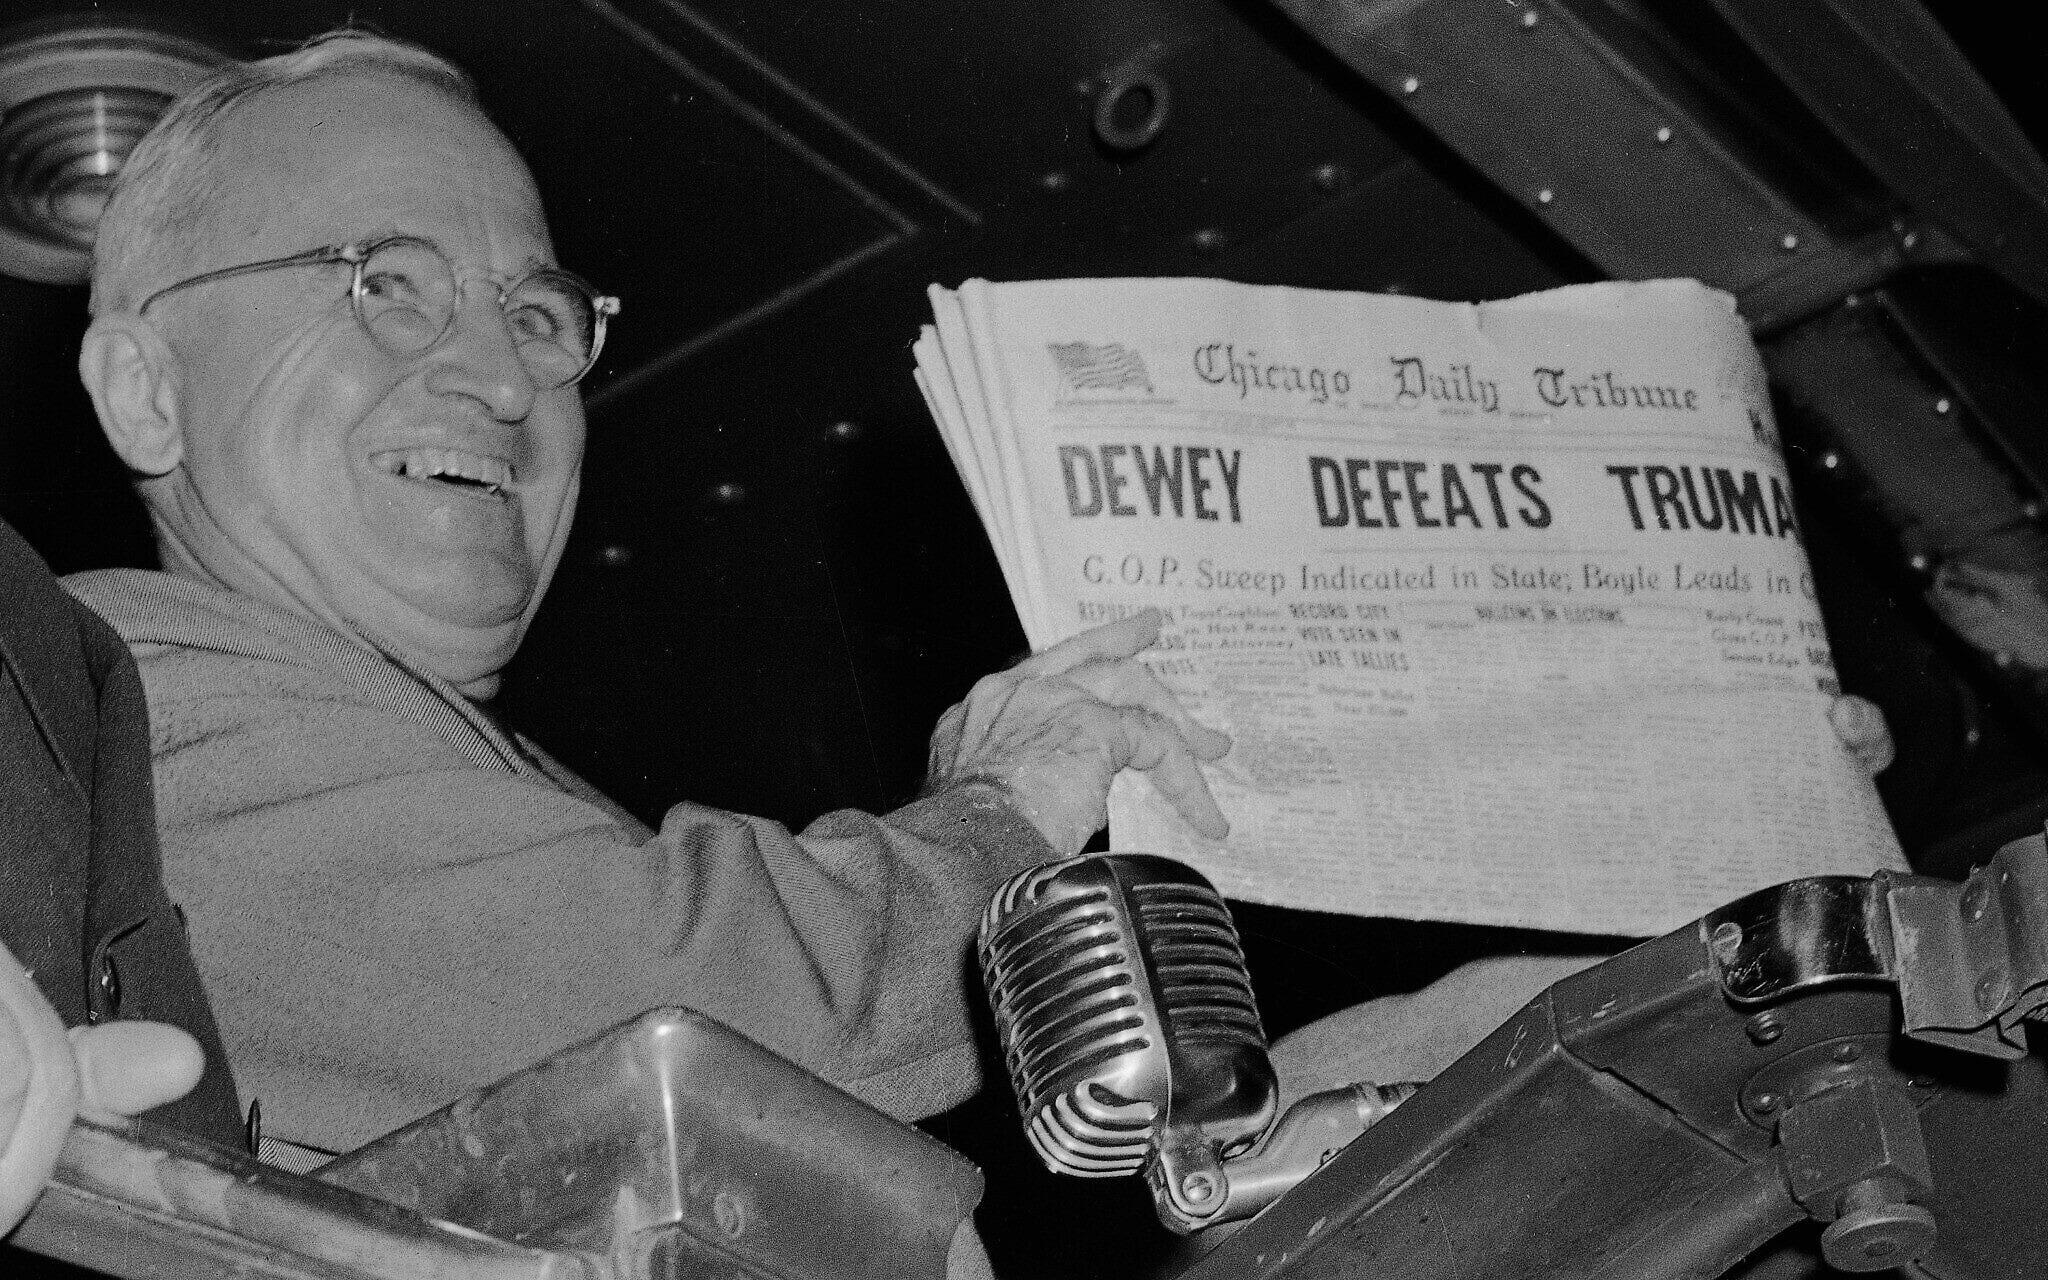 """נשיא ארה""""ב הארי טרומן עם מהדורת יום הבחירות של השיקגו דיילי טריביון, שהכריז בטעות על תבוסתו בבחירות (צילום: AP Photo/Byron Rollins)"""